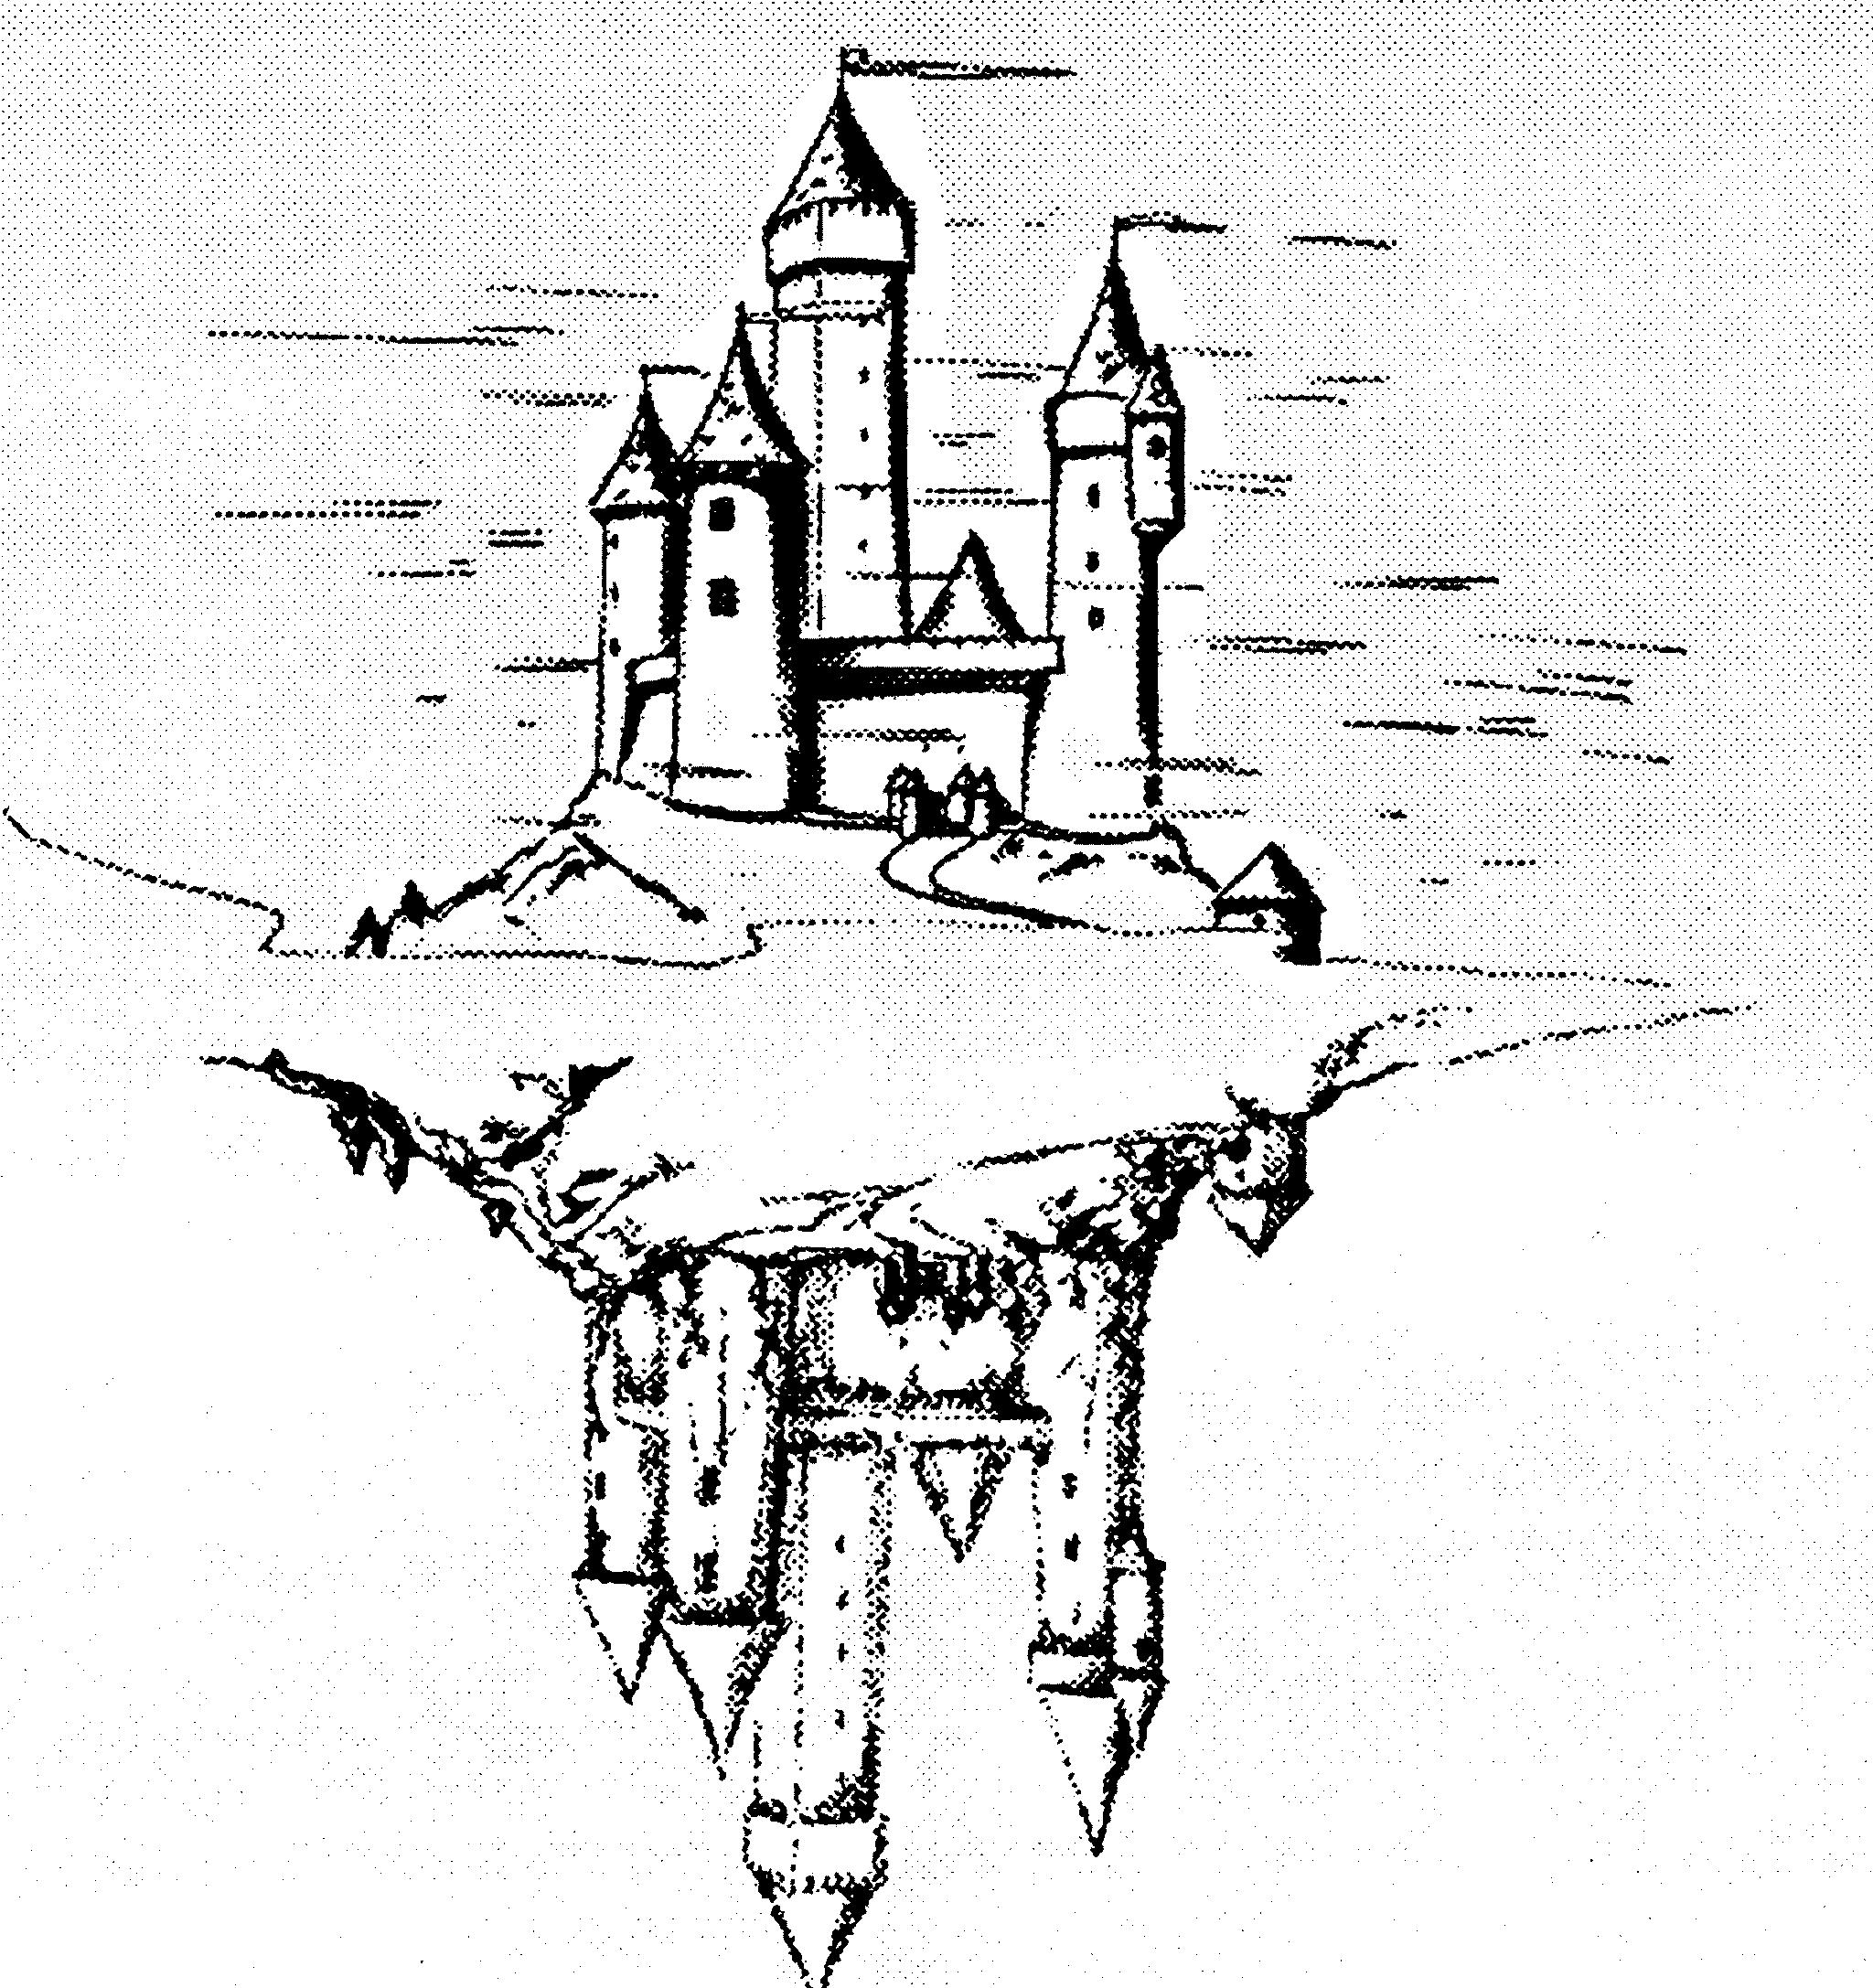 Un château se reflétant dans un lac.